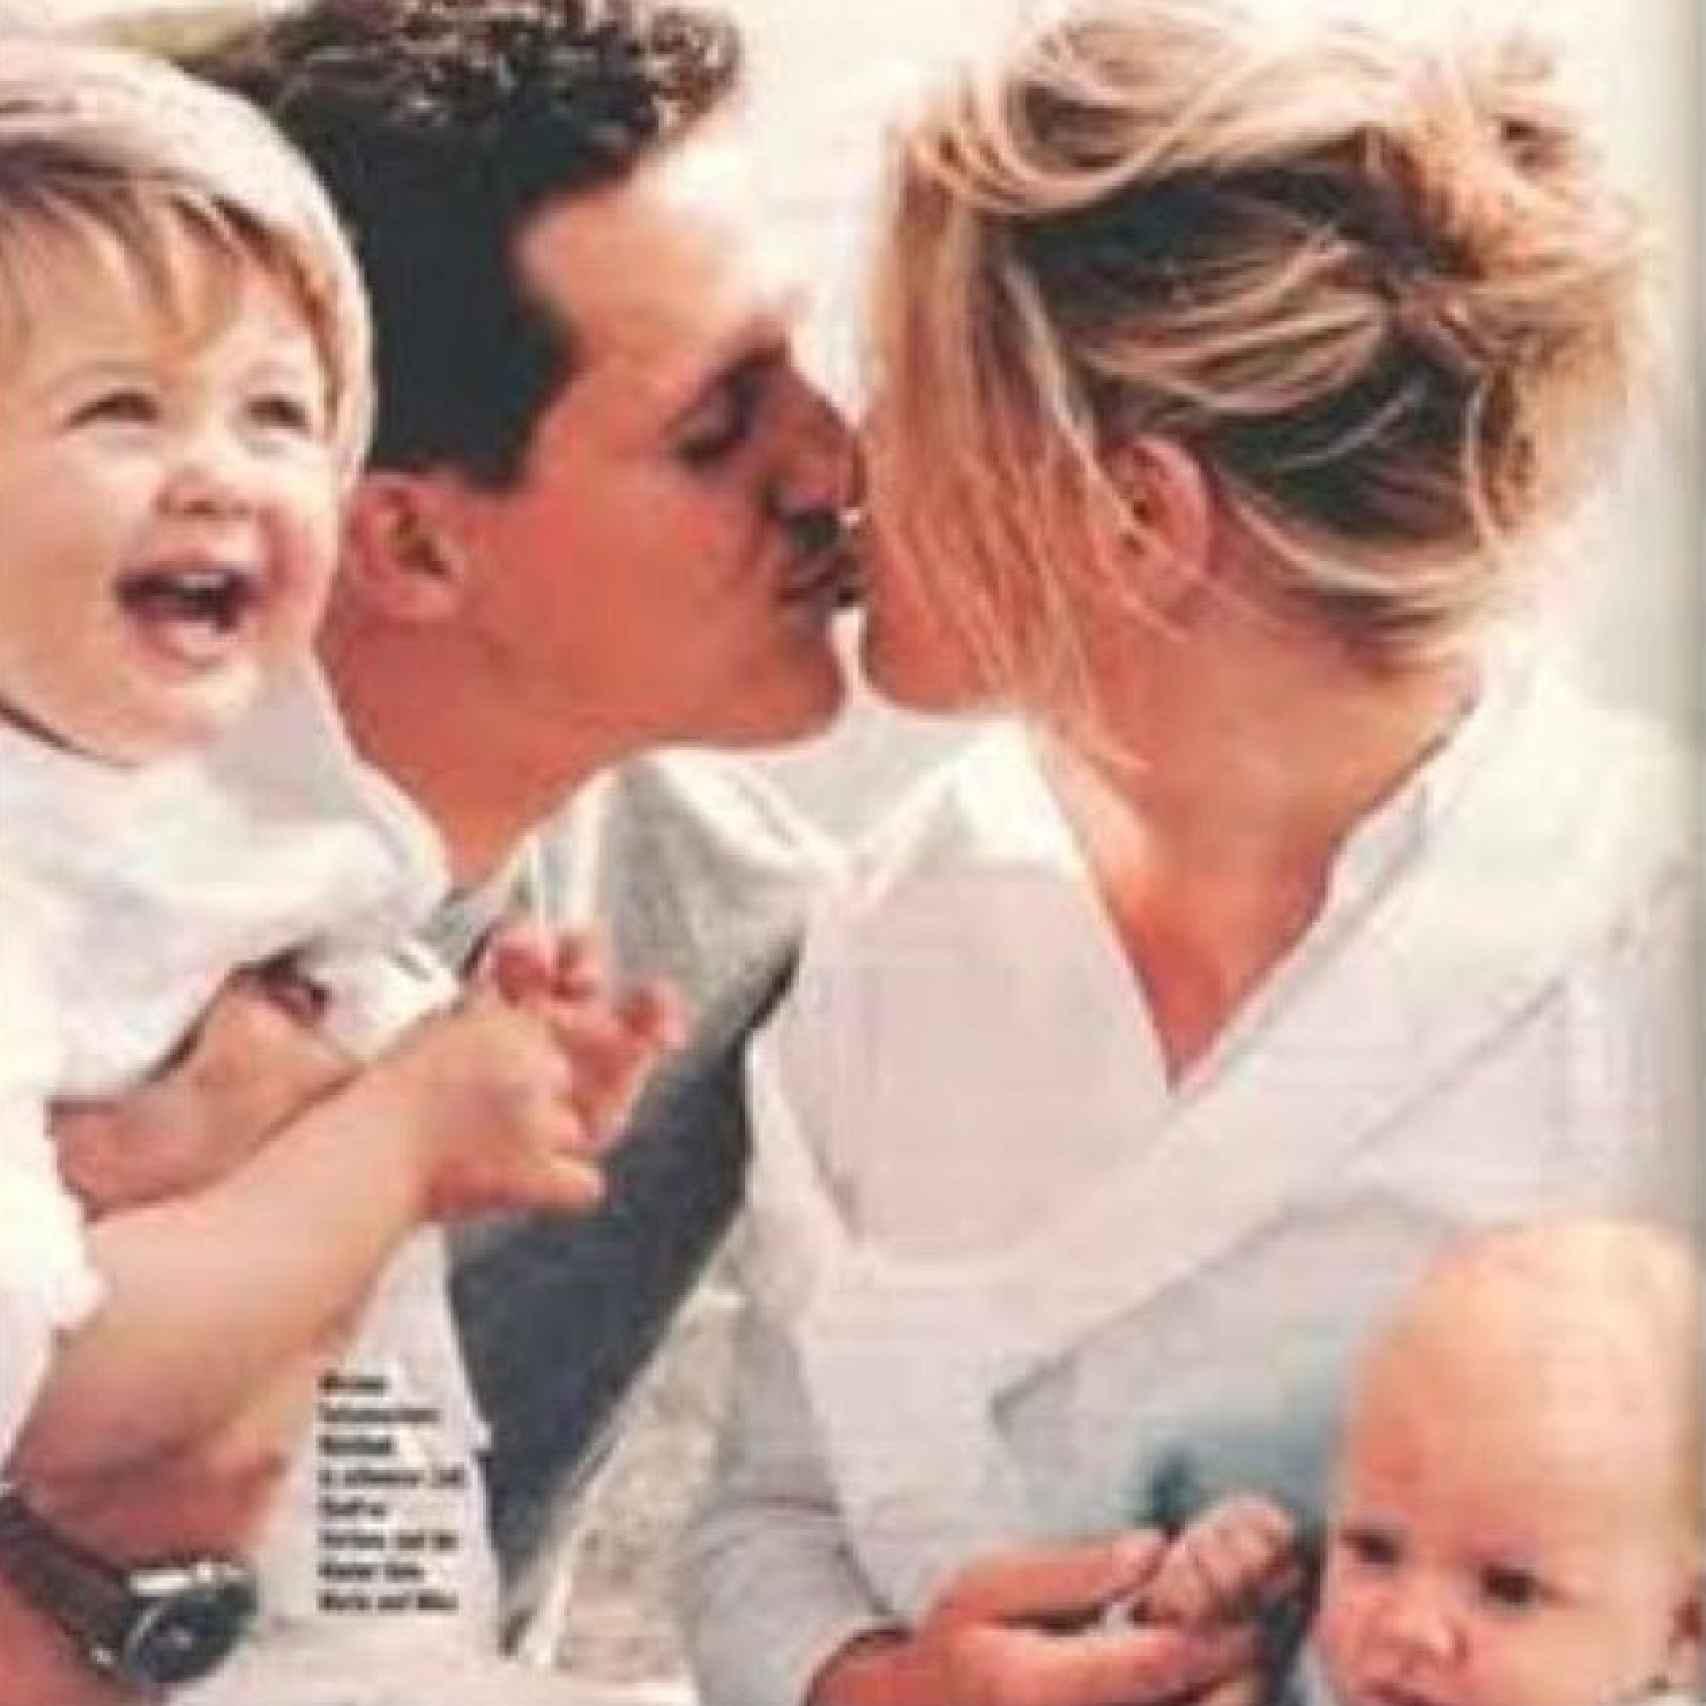 El matrimonio Schumacher con sus hijos de pequeños